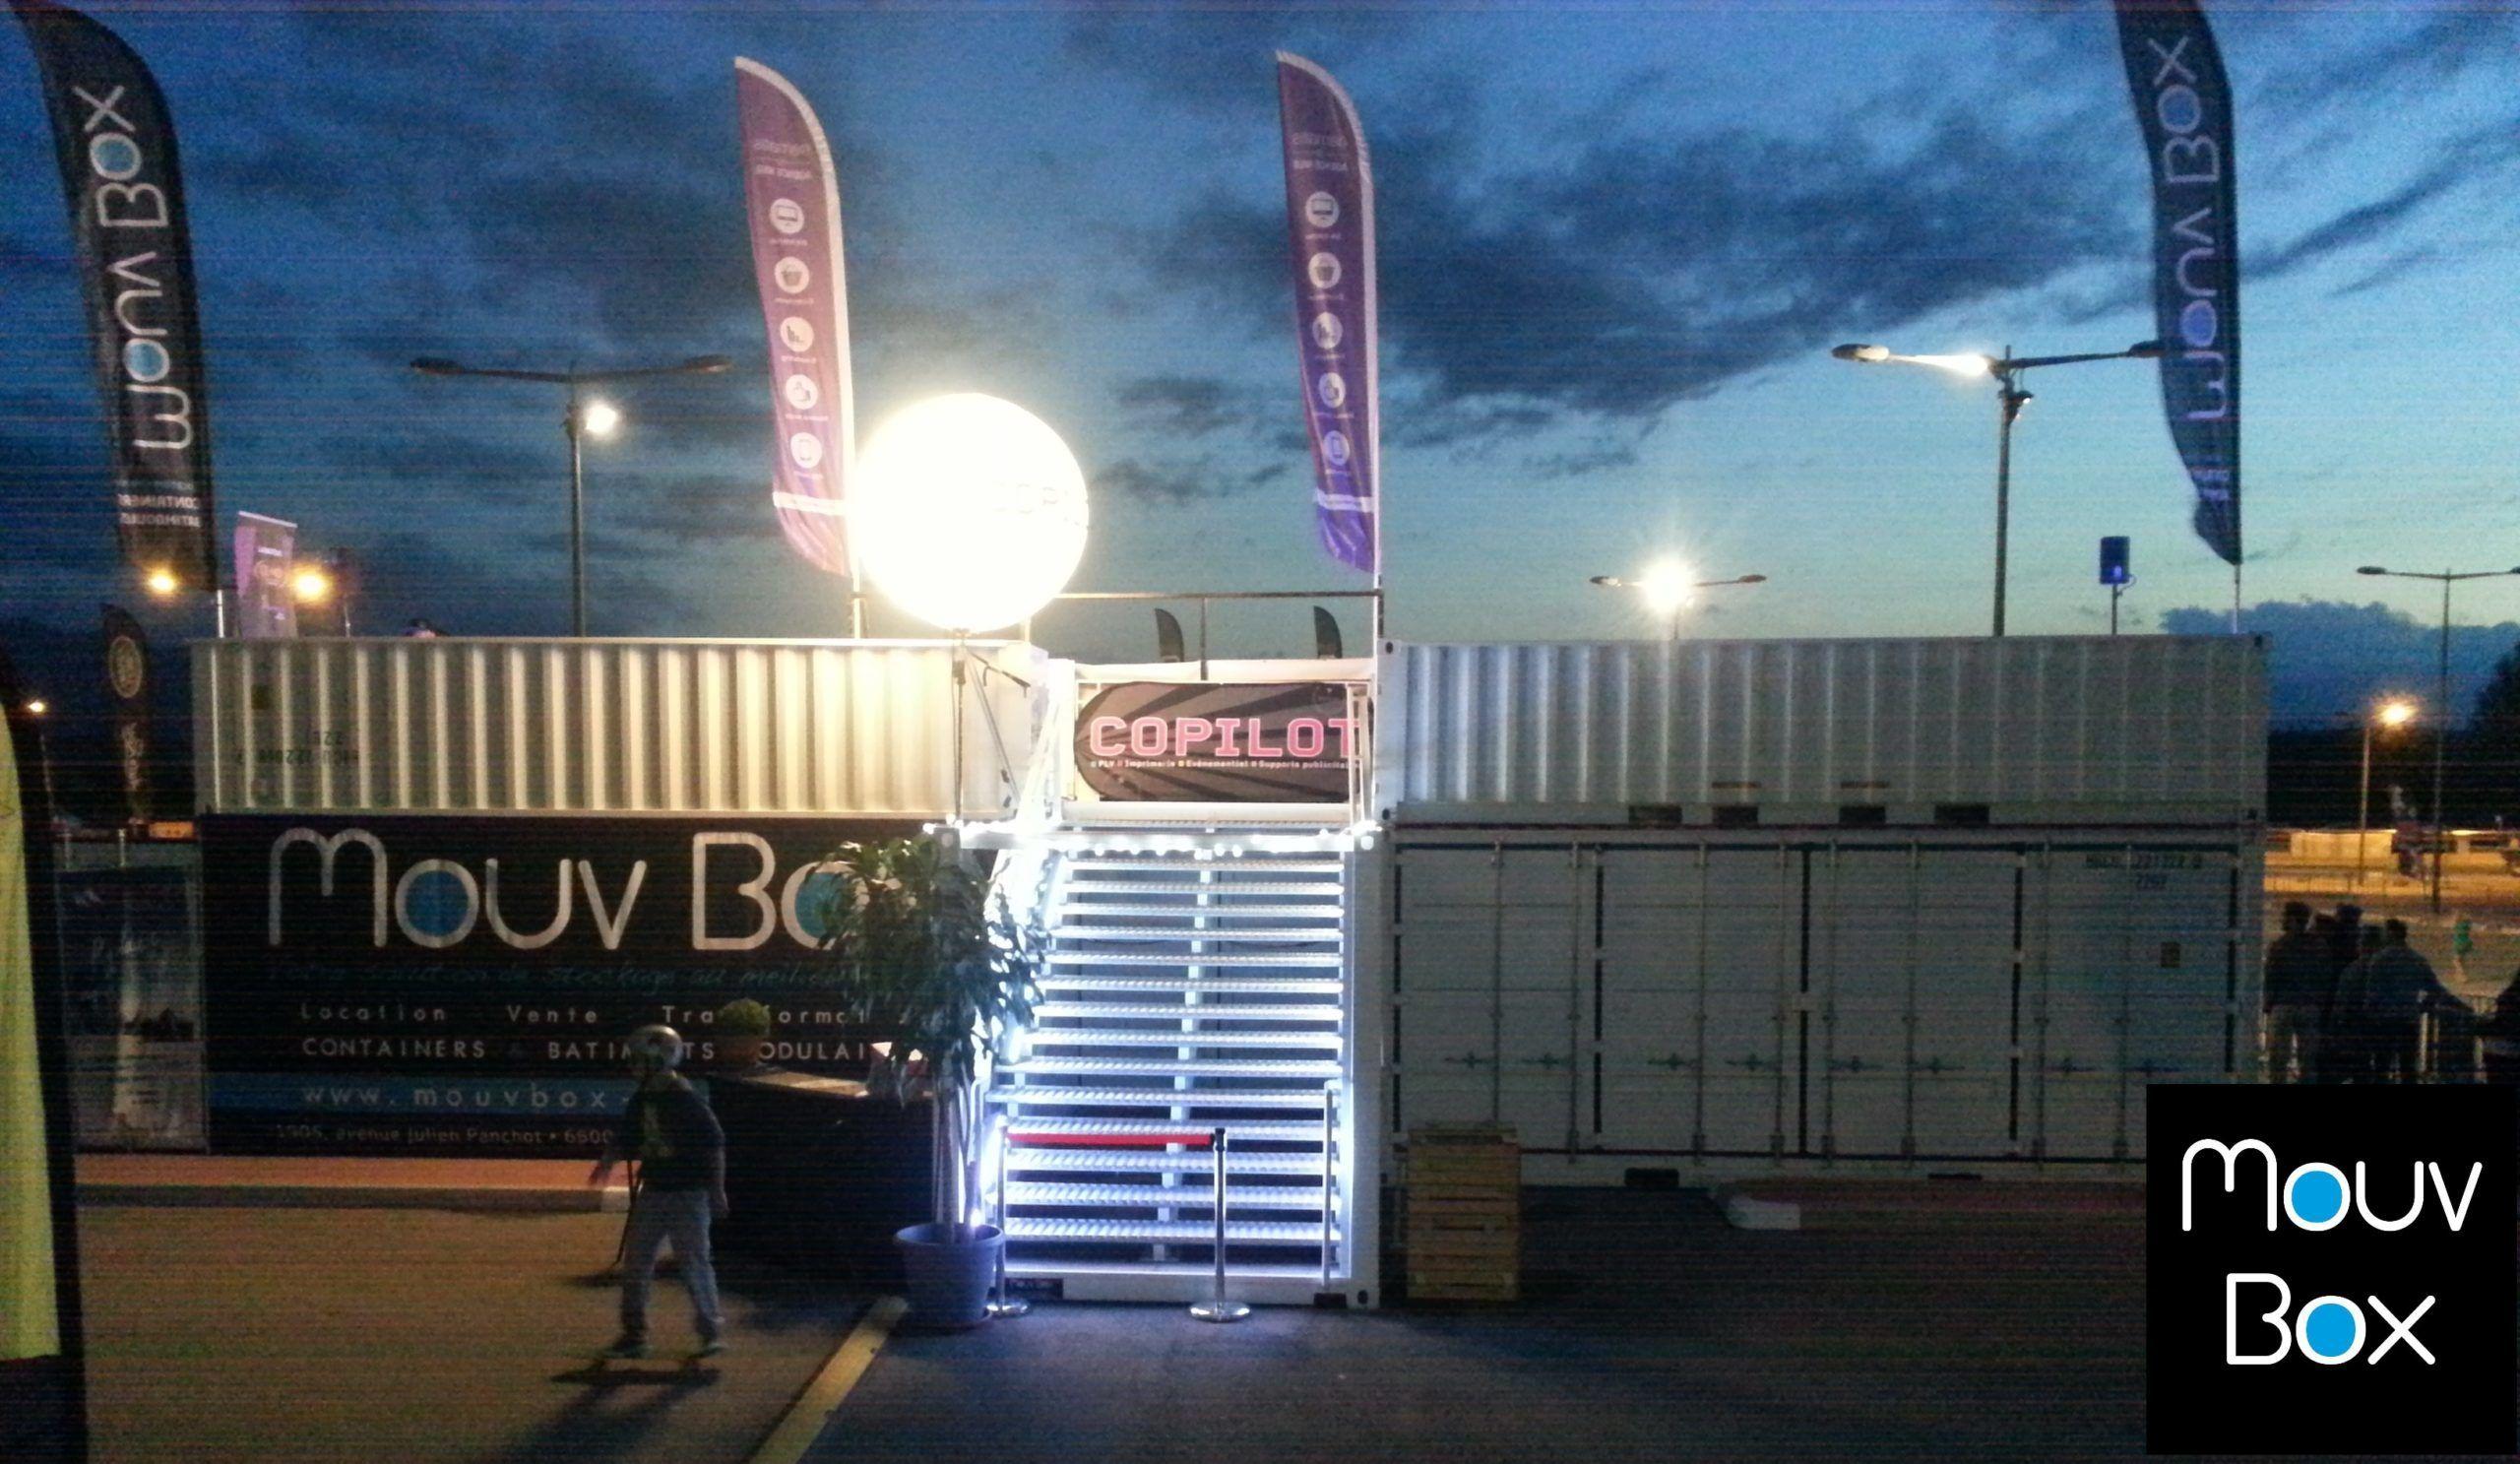 container-conteneur-20-evenement-wheelz-festival-fise-www.mouvbow-france.com